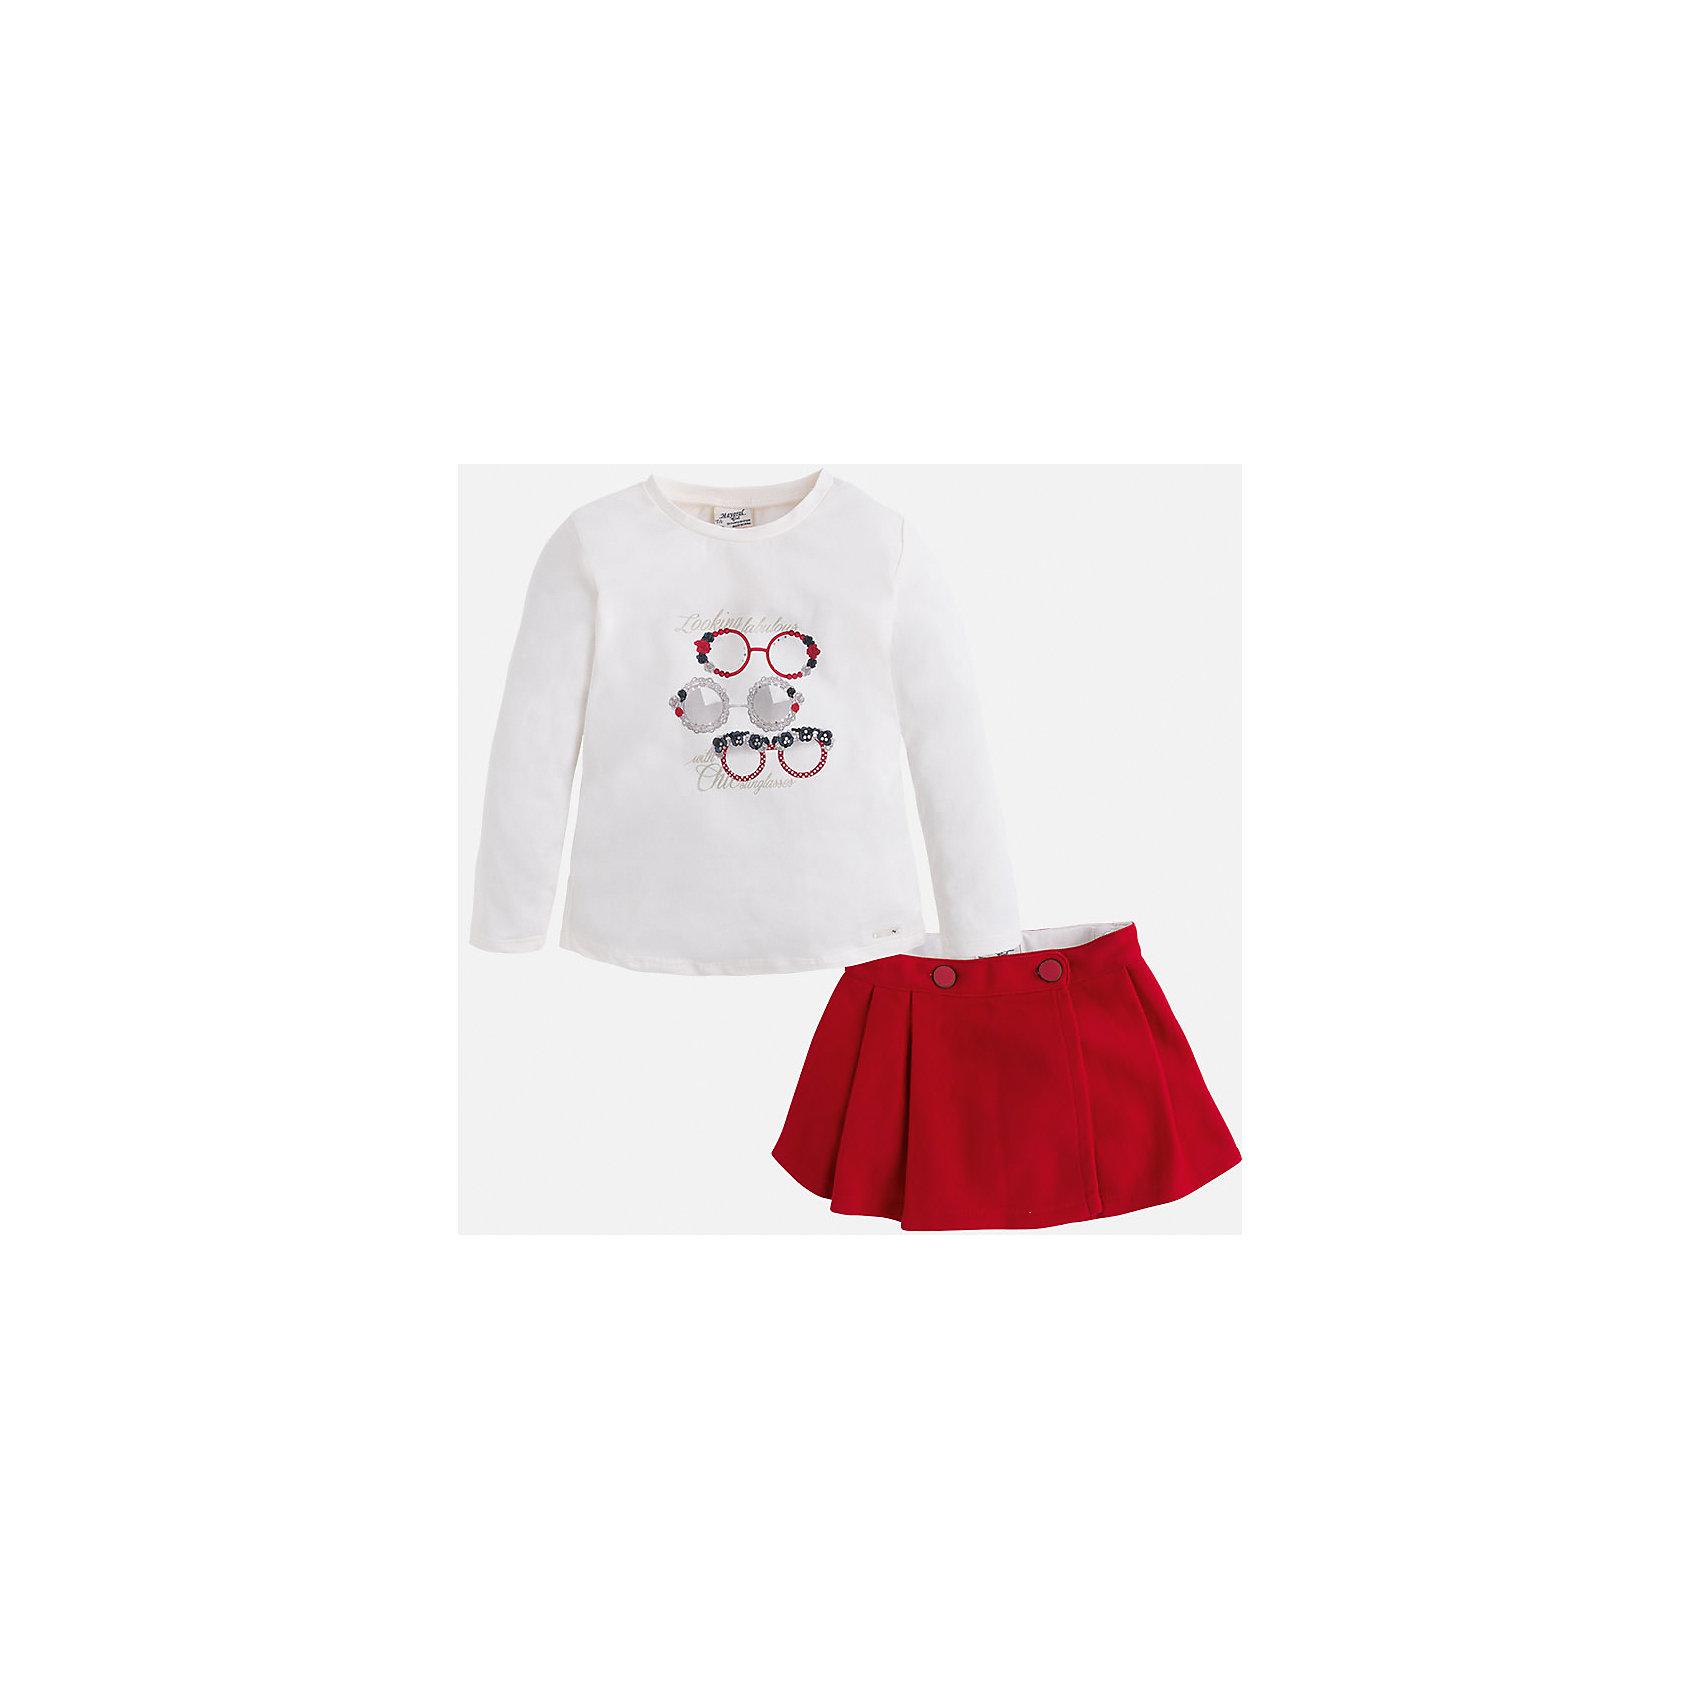 Комплект:футболка и юбка для девочки MayoralКомплекты<br>Комплект из топа и юбки от известного испанского бренда Mayoral(Майорал). Юбка с двумя застежками-пуговицами, топ легкого белого цвета с забавным принтом спереди. Изделия выполнены из качественных дышащих материалов. Прекрасный вариант для повседневной носки!<br>Дополнительная информация:<br>-длинные рукава<br>-застежки-пуговицы на юбке<br>-топ украшен оригинальным принтом<br>-цвет: красный/белый<br>-состав. топ: 95% хлопок, 5% эластан. юбка: 100% полиэстер; подкладка: 65% полиэстер, 35% хлопок<br>Комплект из топа и юбки Mayoral(Майорал) вы можете приобрести в нашем интернет-магазине.<br><br>Ширина мм: 207<br>Глубина мм: 10<br>Высота мм: 189<br>Вес г: 183<br>Цвет: красный<br>Возраст от месяцев: 36<br>Возраст до месяцев: 48<br>Пол: Женский<br>Возраст: Детский<br>Размер: 104,98,128,110,116,134,122<br>SKU: 4844648